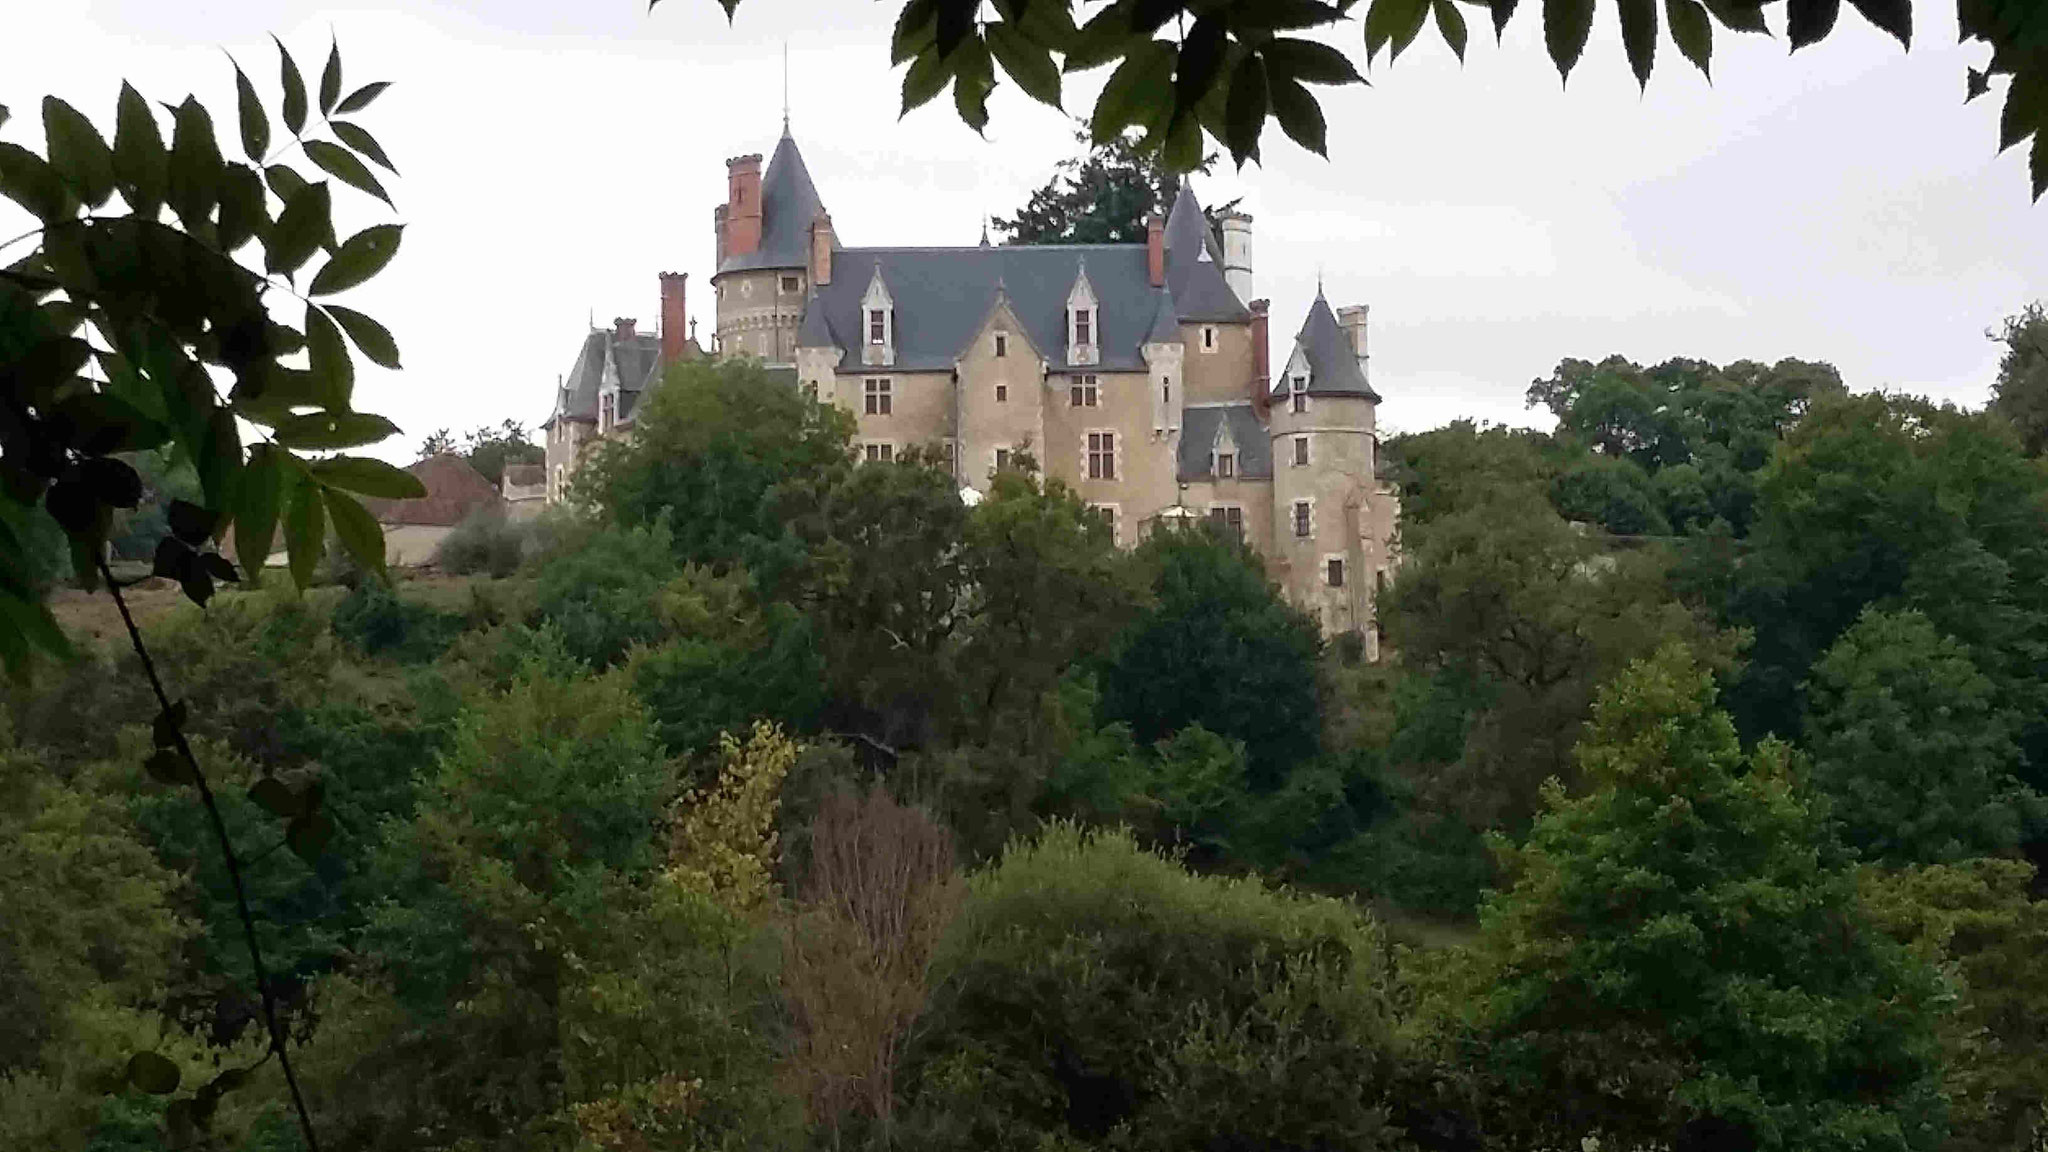 Chateau de Bois-Morand